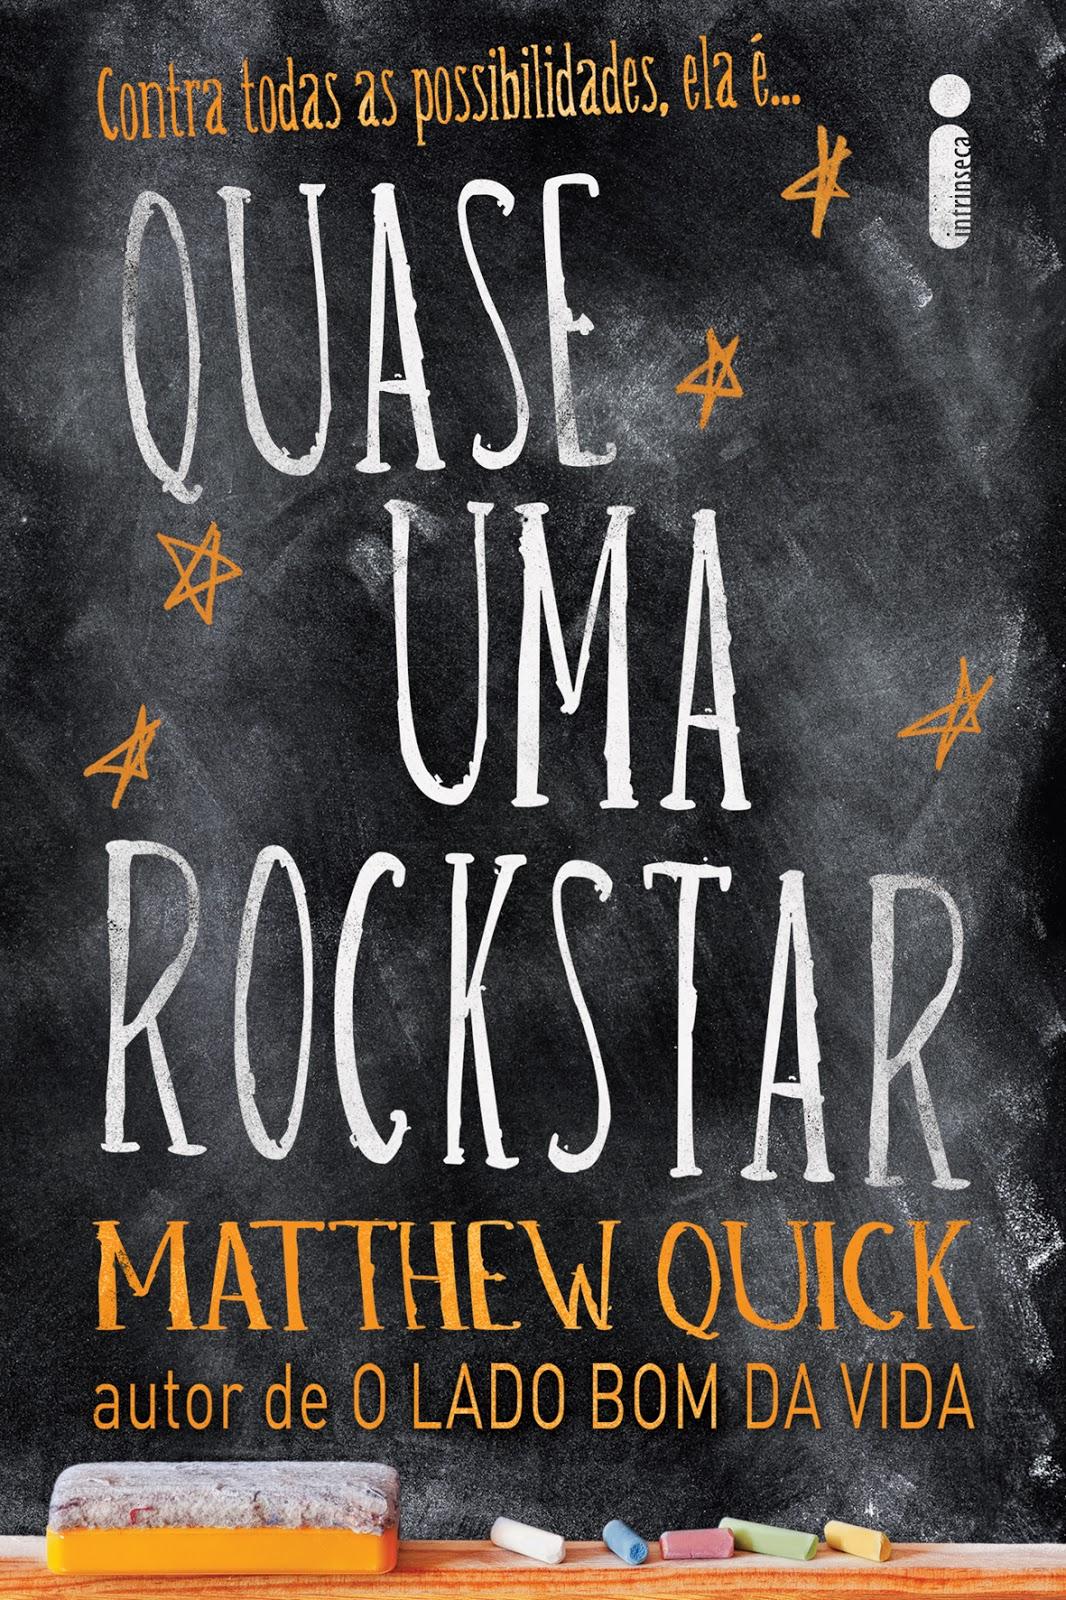 Estante da Nine: Quase uma rockstar de Matthew Quick #AF671C 1066x1600